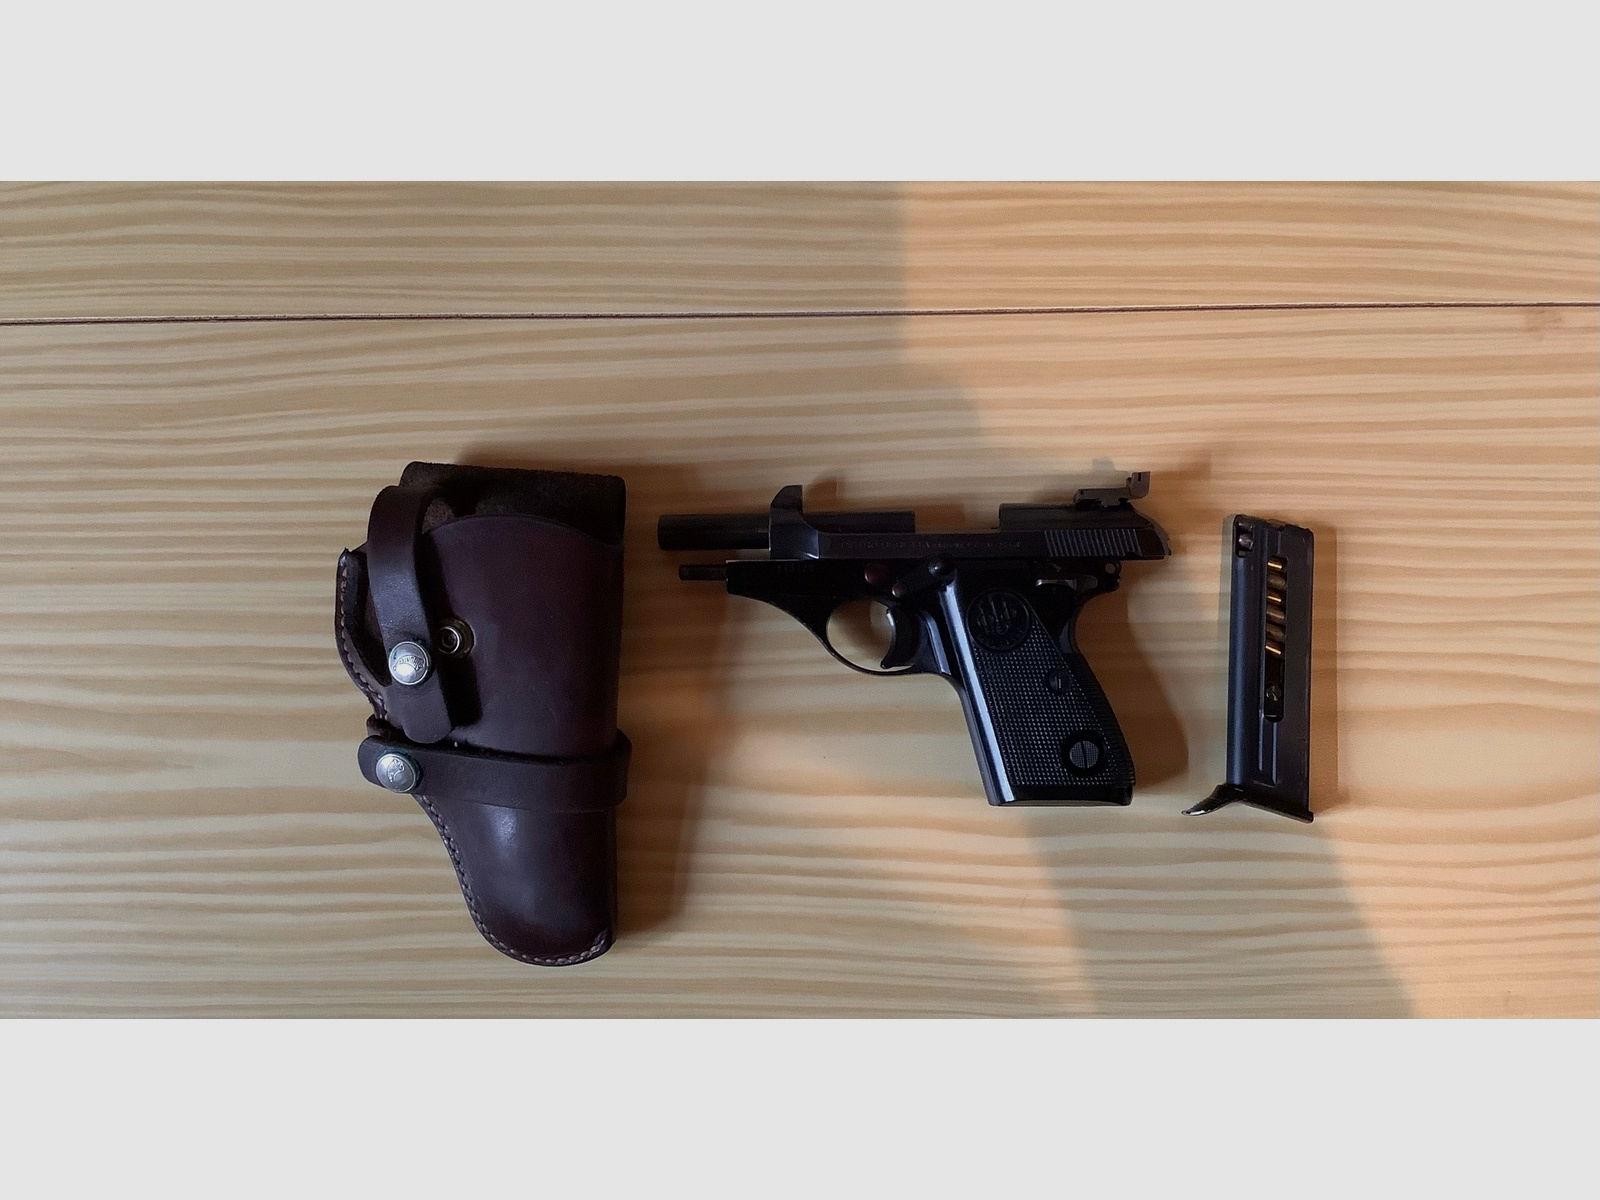 Verkaufe Beretta Modell 70 22 LR